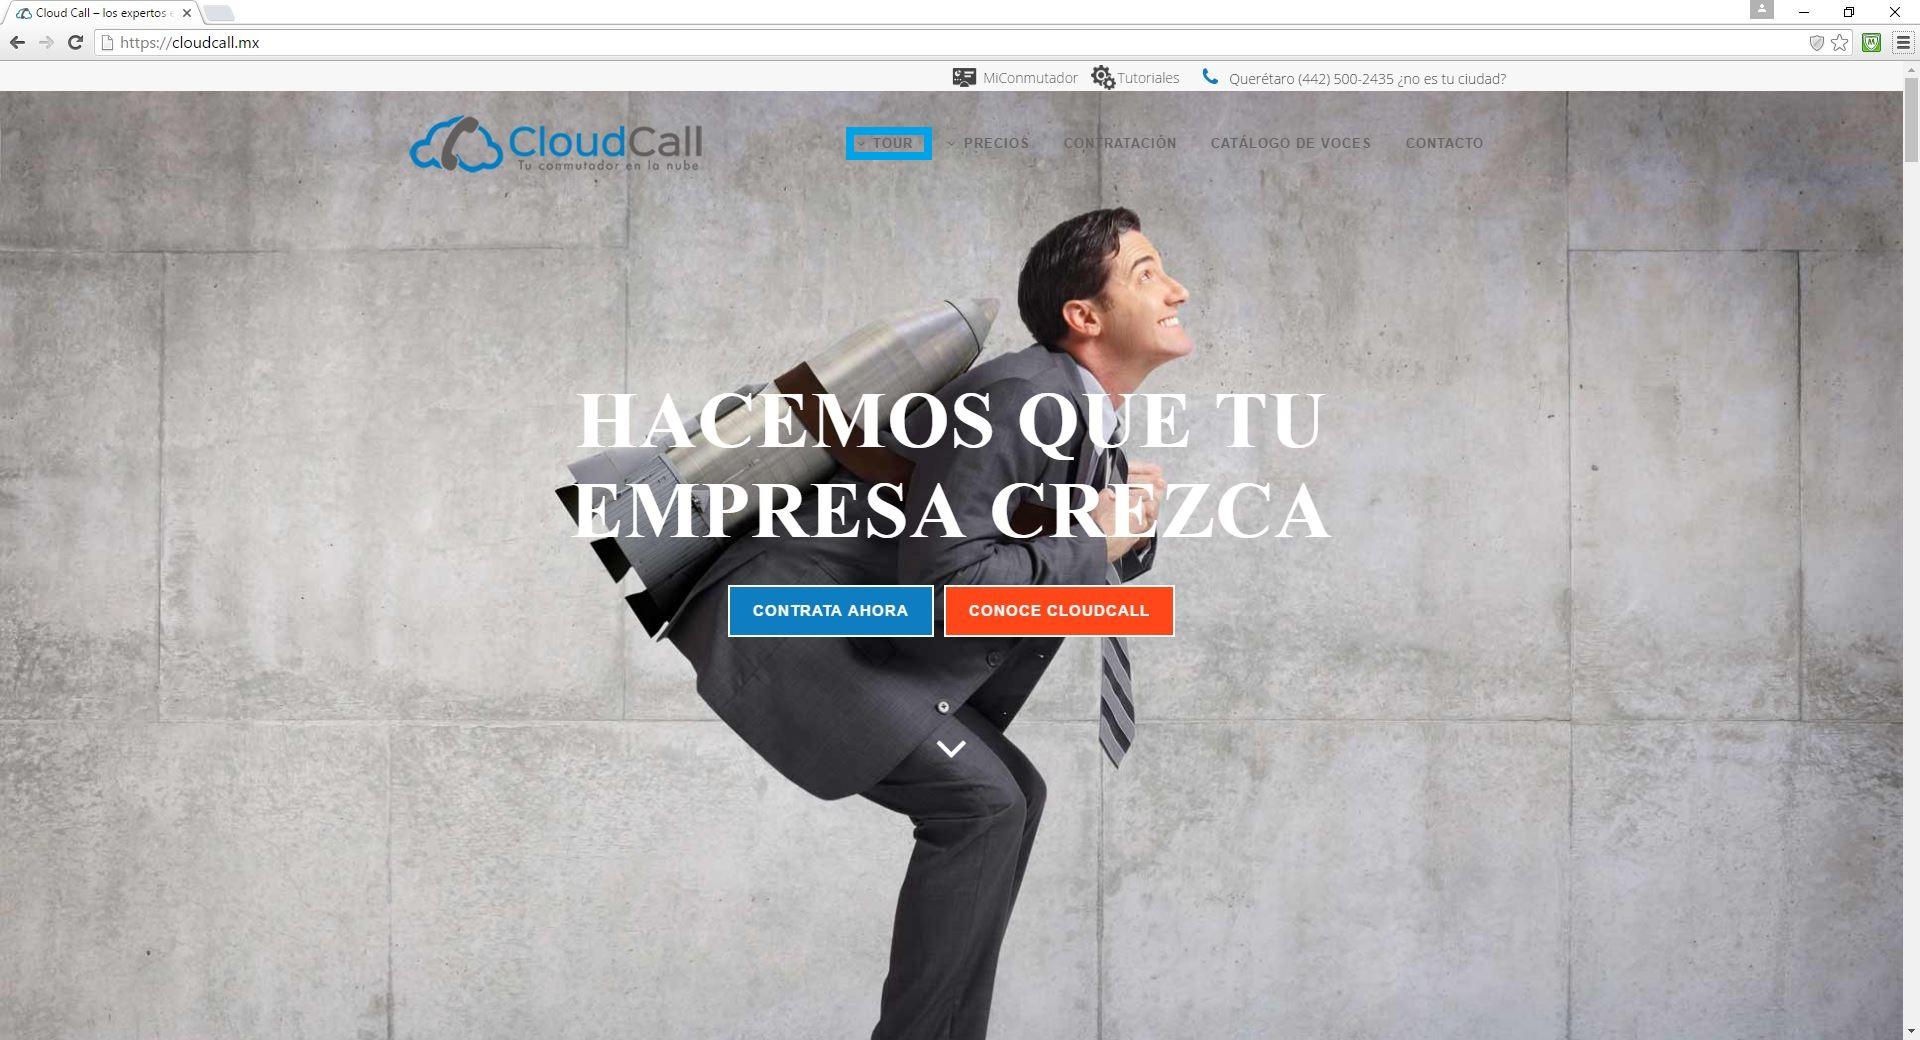 Pagina principal de CloudCall